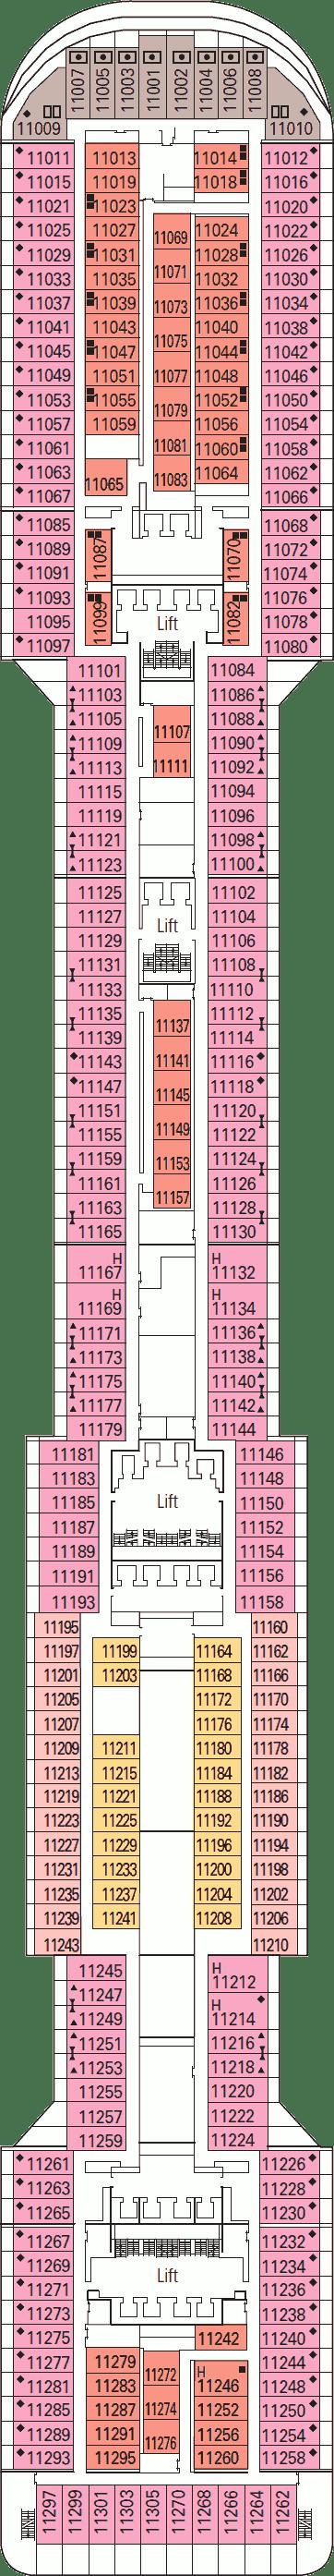 Giada Deck